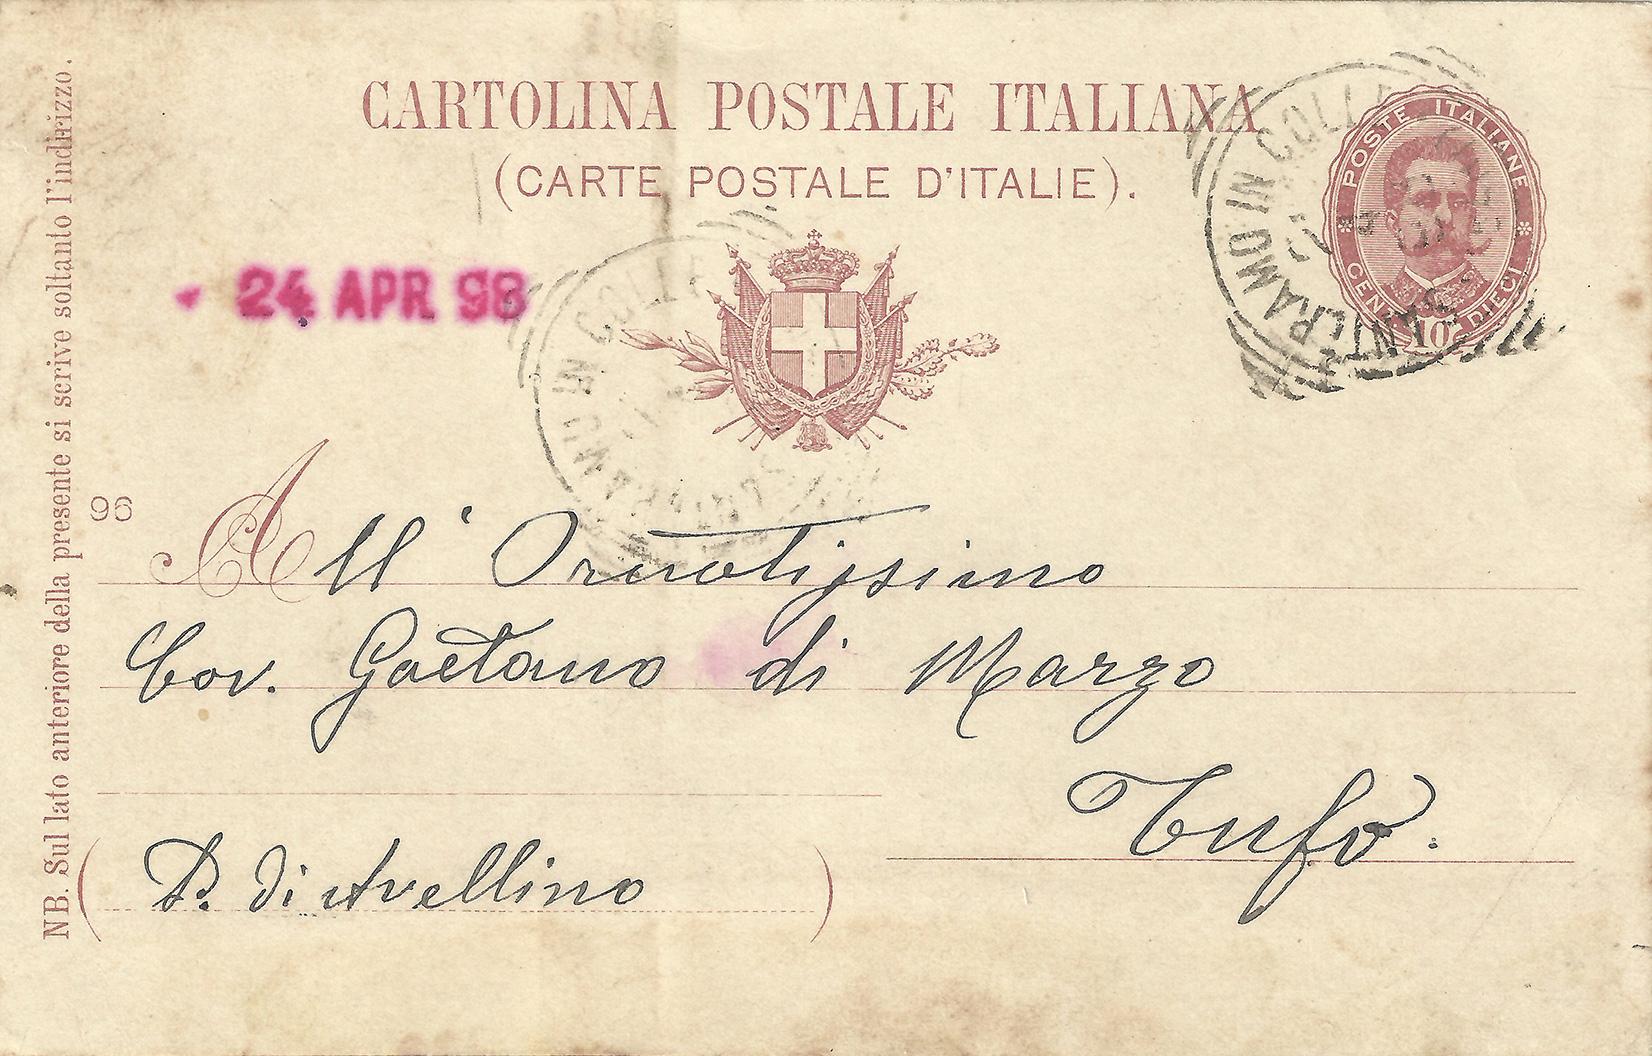 Un commerciante di Santeramo nel 1898 e il suo ordine d'acquisto